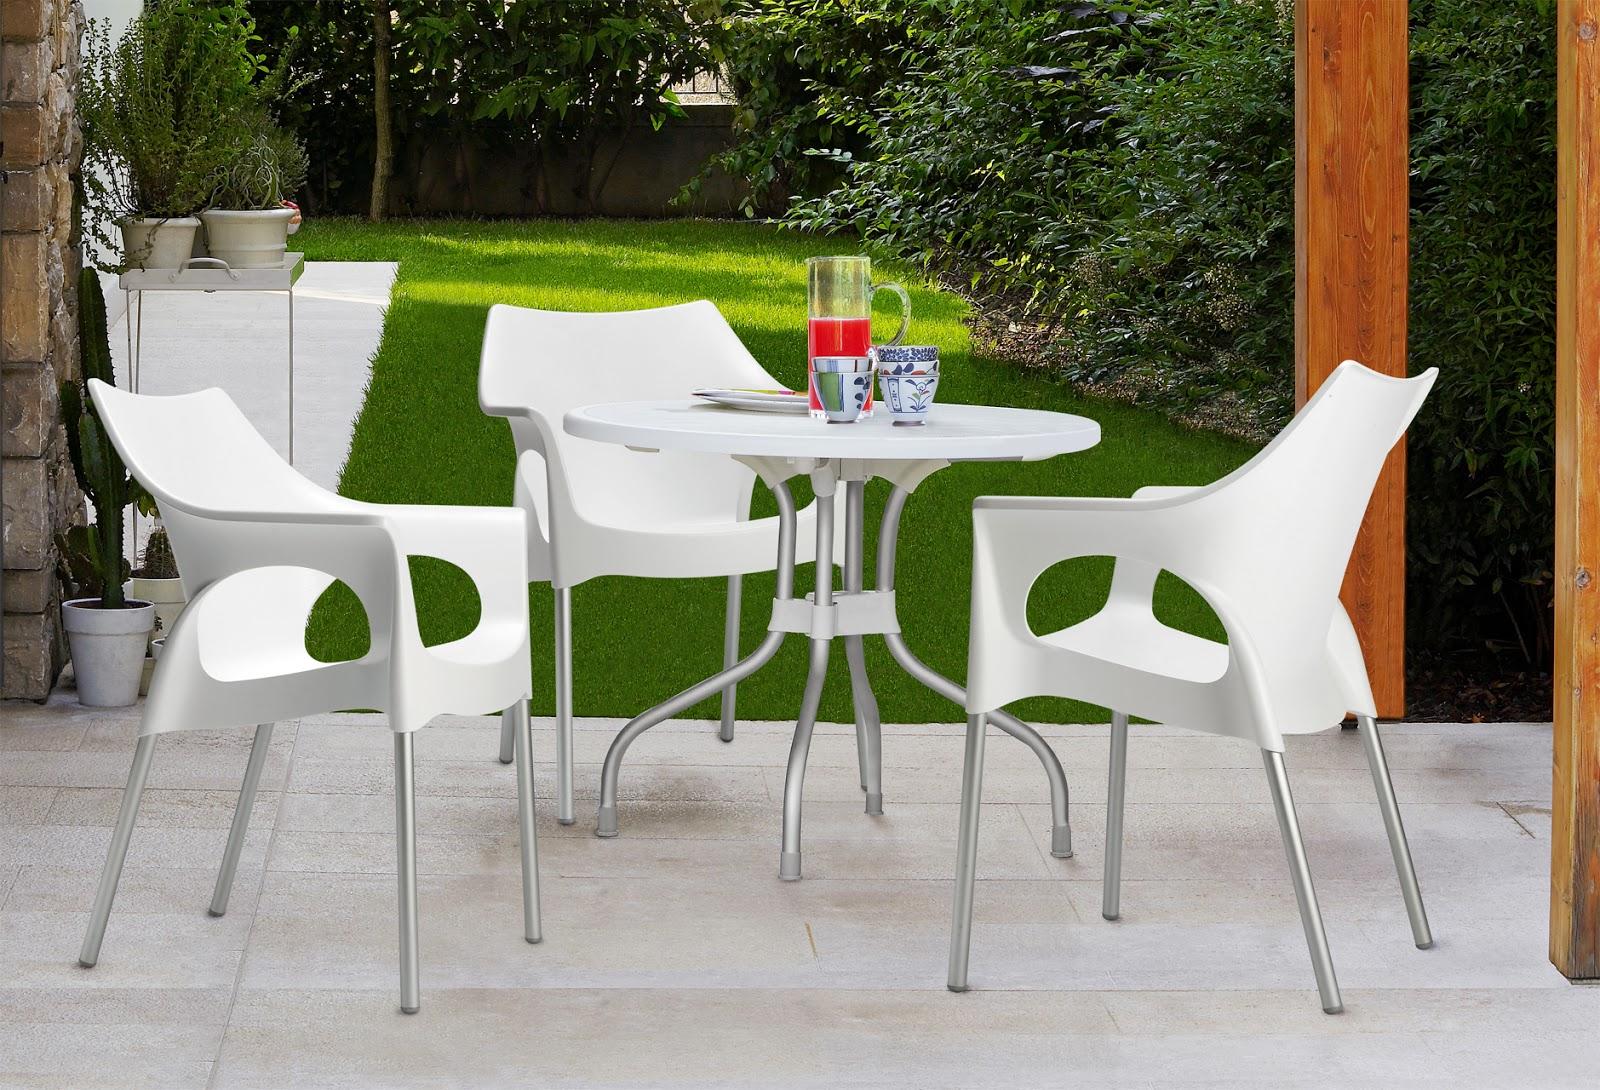 Muebles de jardín Muebles de plástico